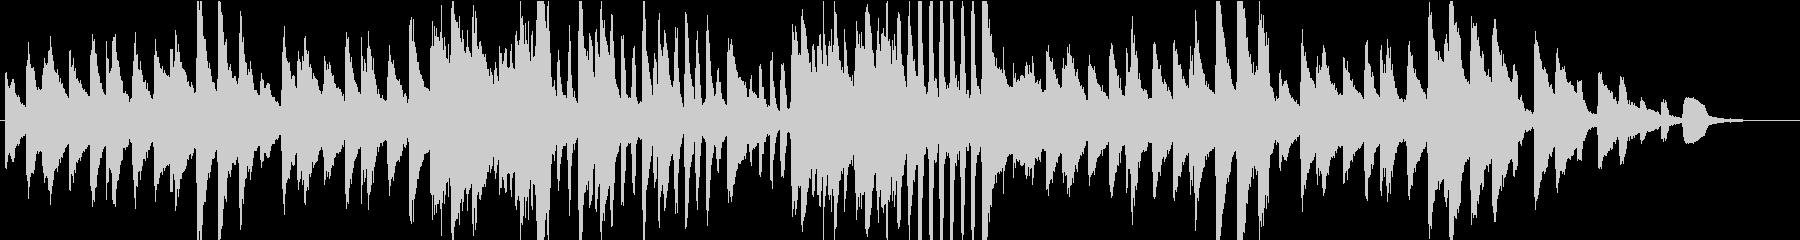 ピアノソロ・優雅な・軽やか・クラシック風の未再生の波形